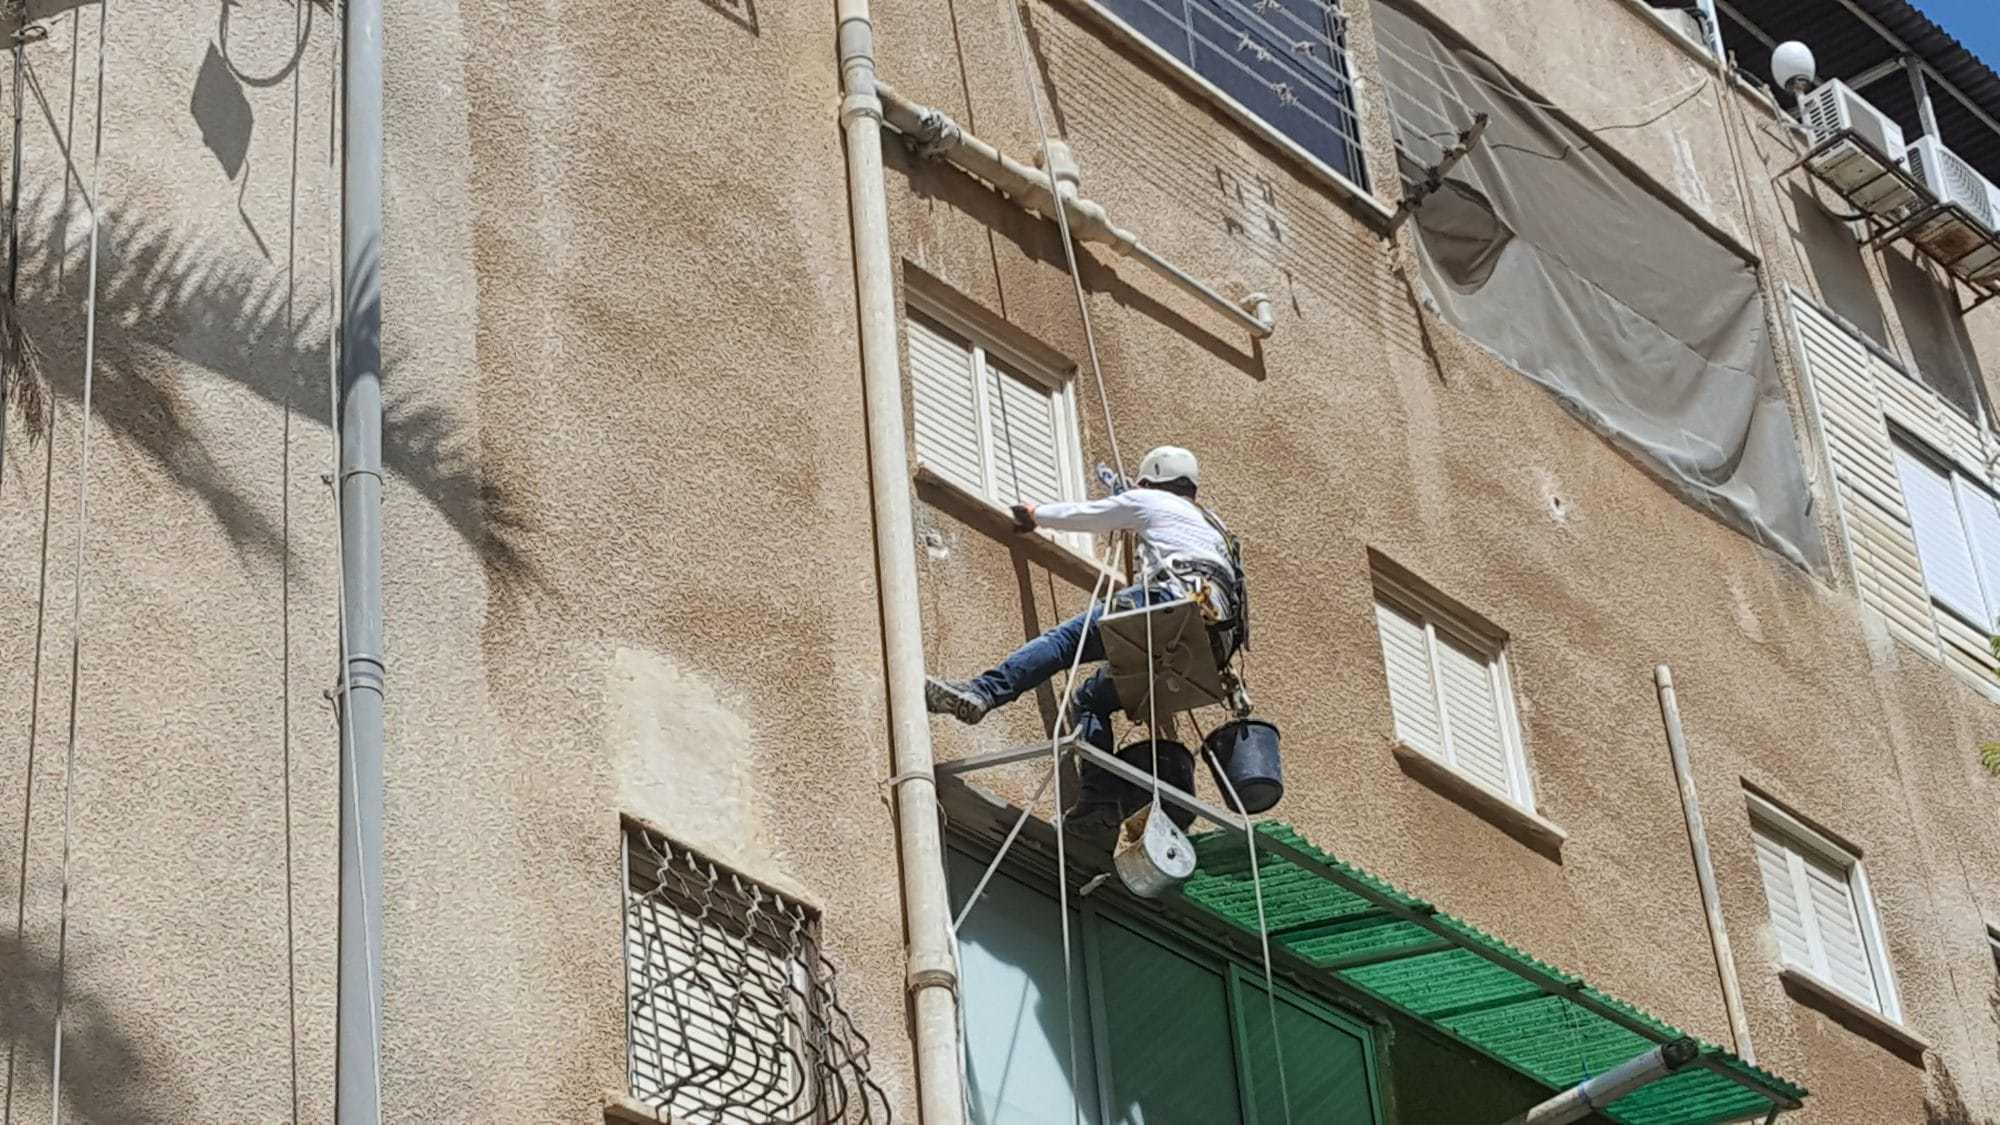 בטיחות מעל הכול, תקנות הבטיחות לעבודה בגובה וחשיבותן